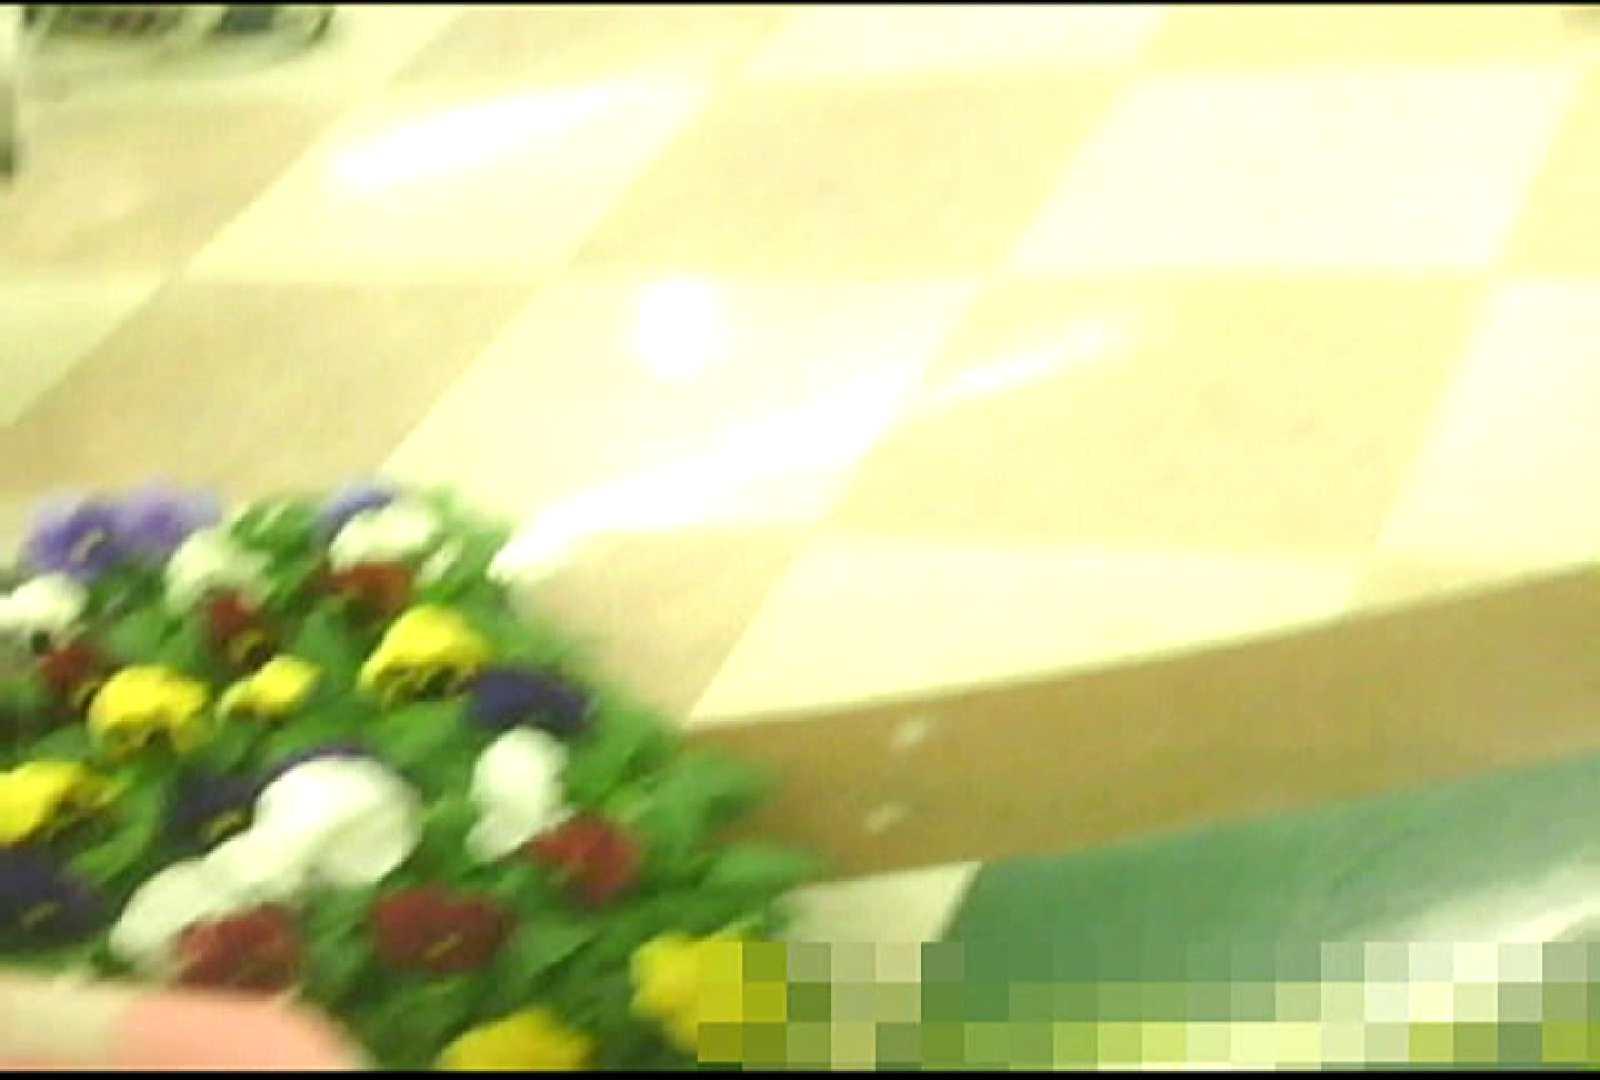 「ノゾキスト」さんの陰撮!!美女サルベージVol.4 ギャルヌード  97画像 30